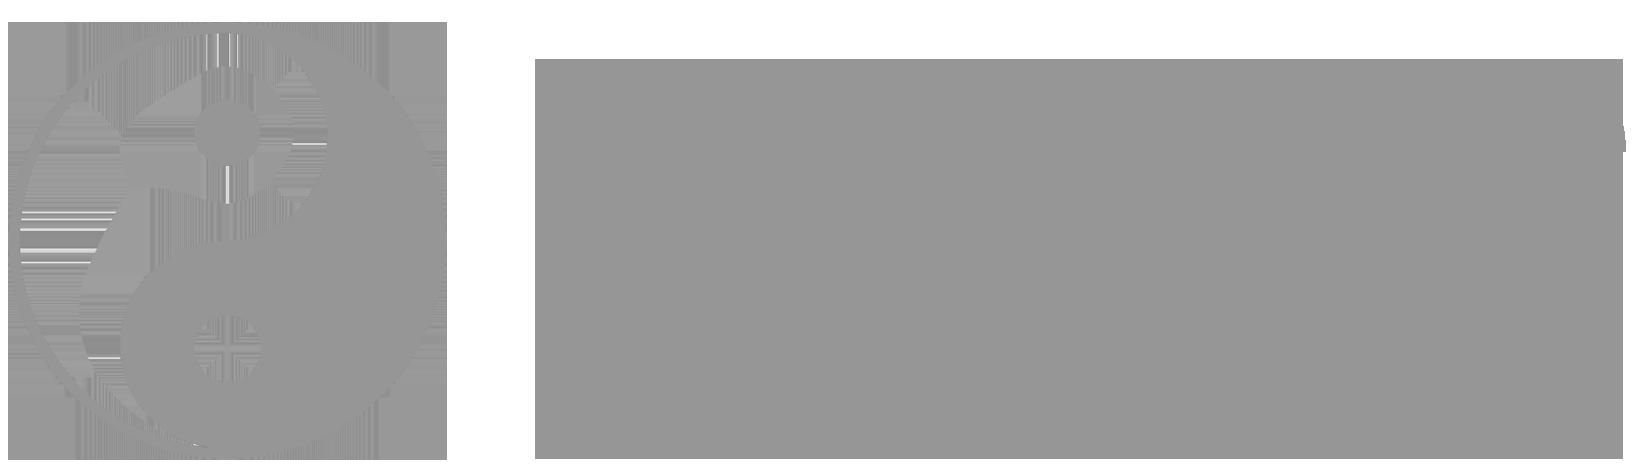 Dance of Life Academy